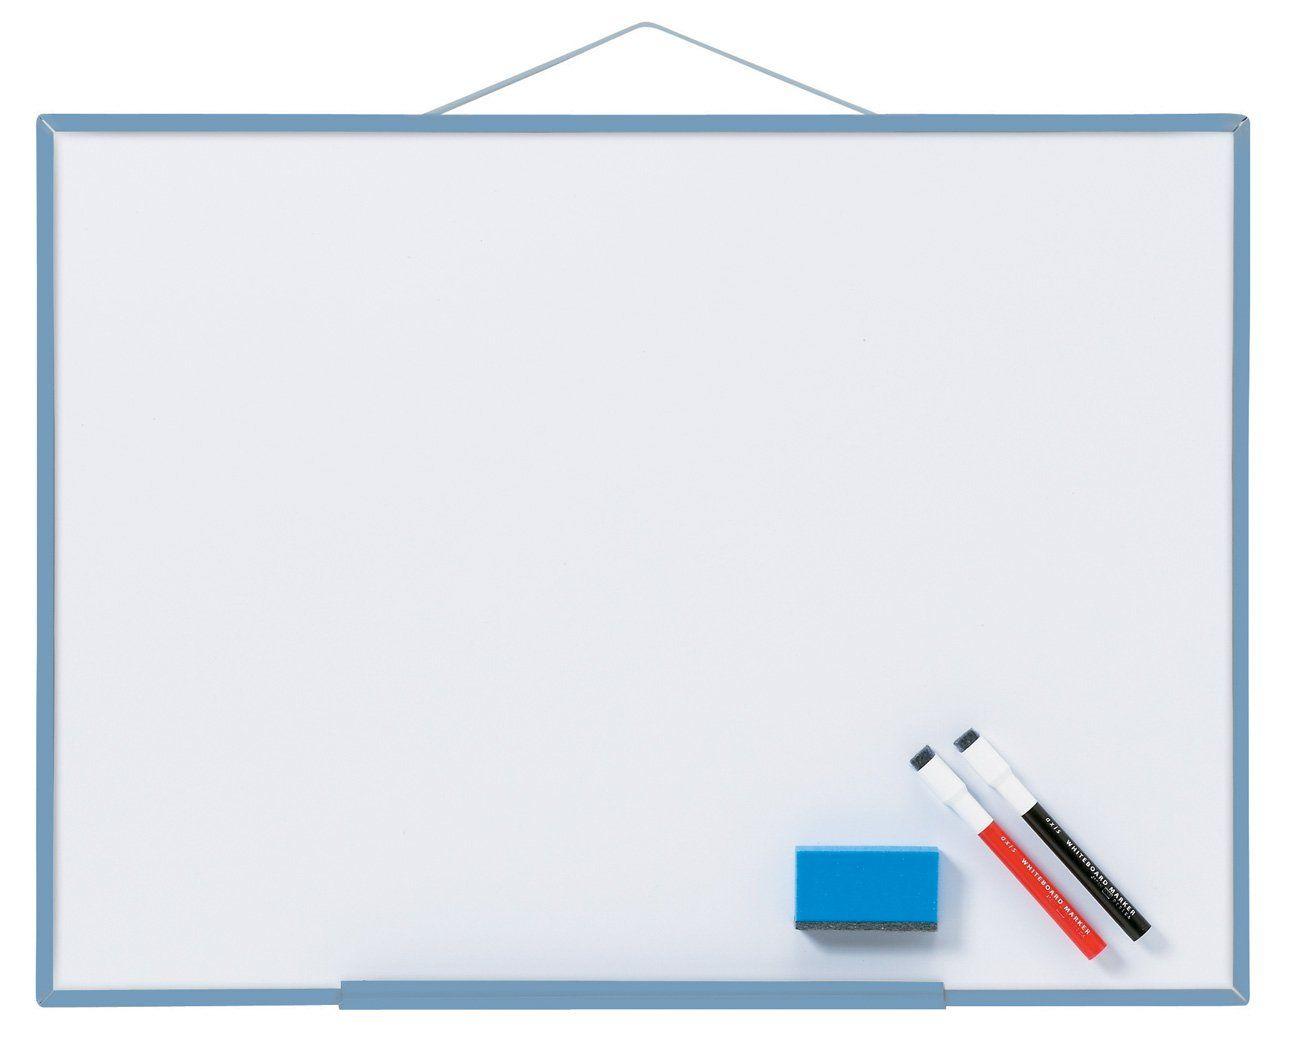 whiteboard for work notes in garage garage organization